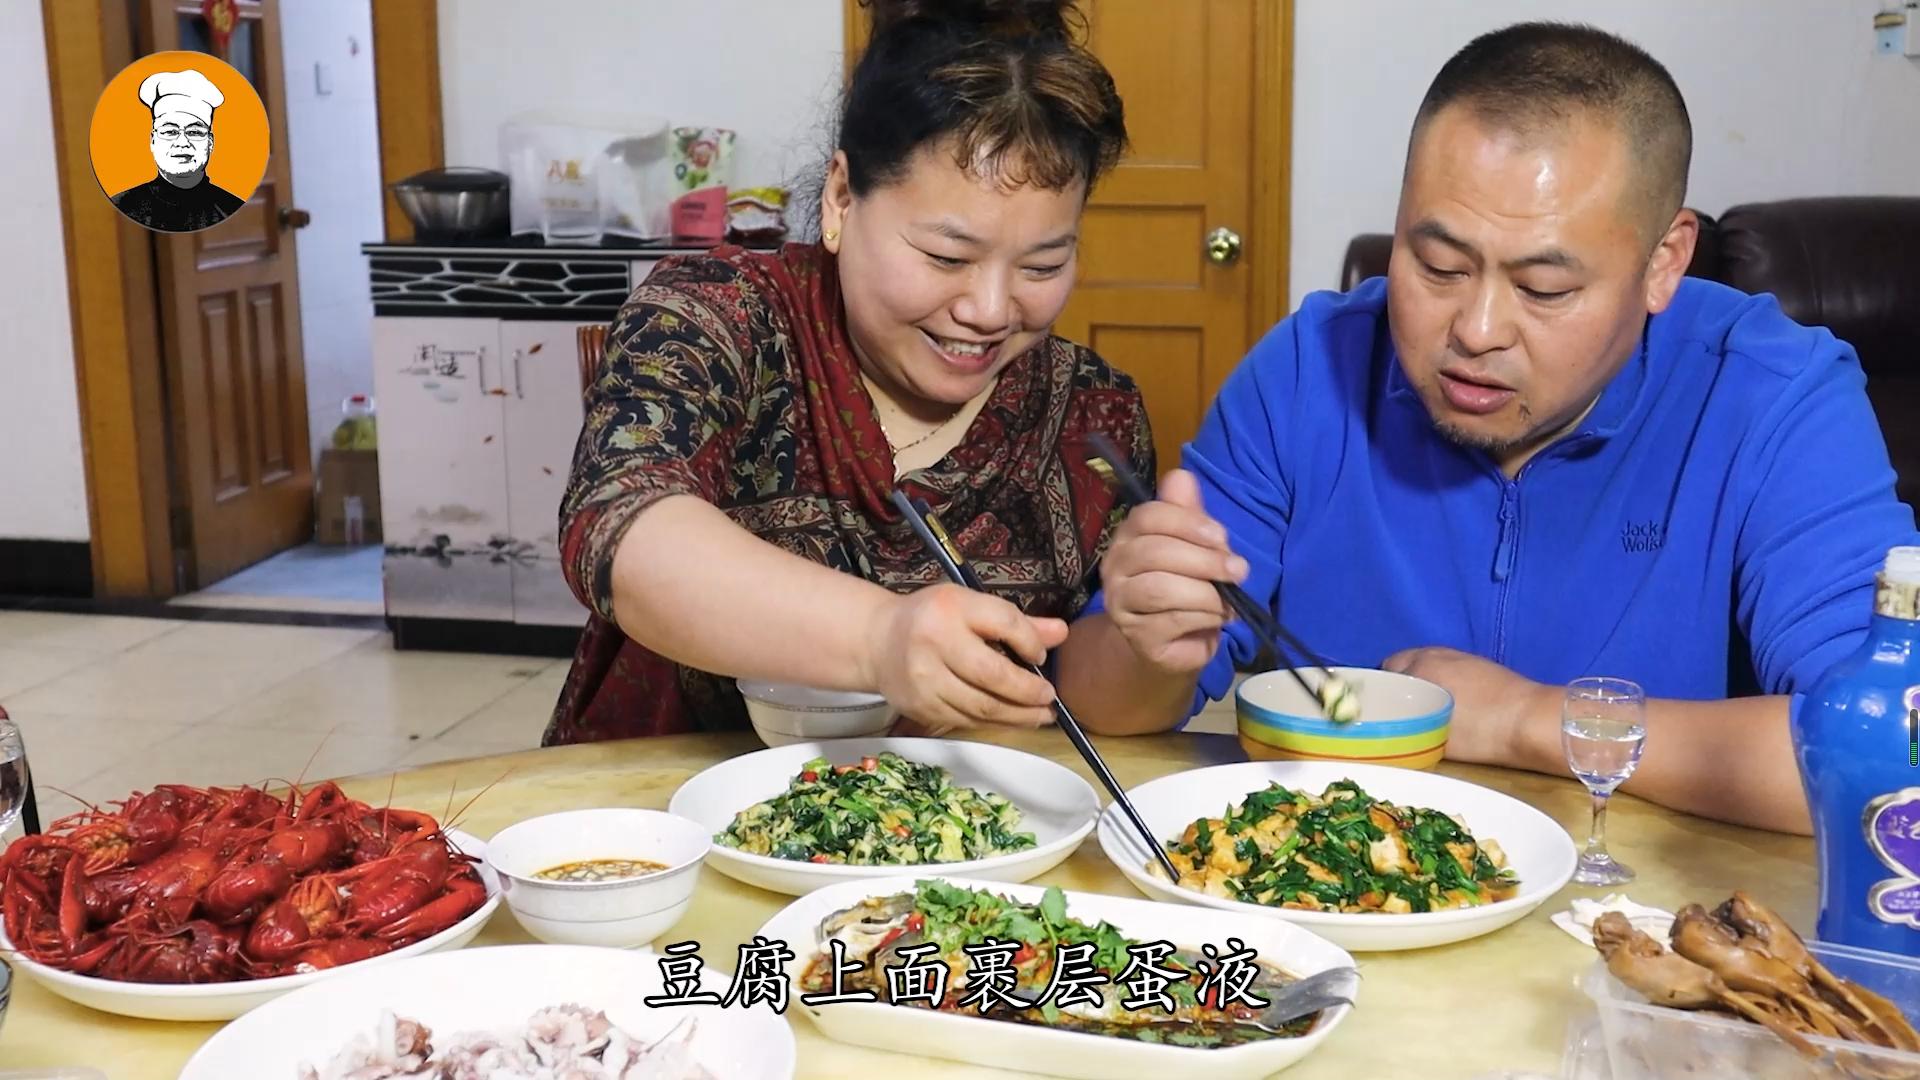 豆腐加鸡蛋这样做,我家一周吃3次,每次米饭都不够吃,太香了 美食做法 第7张